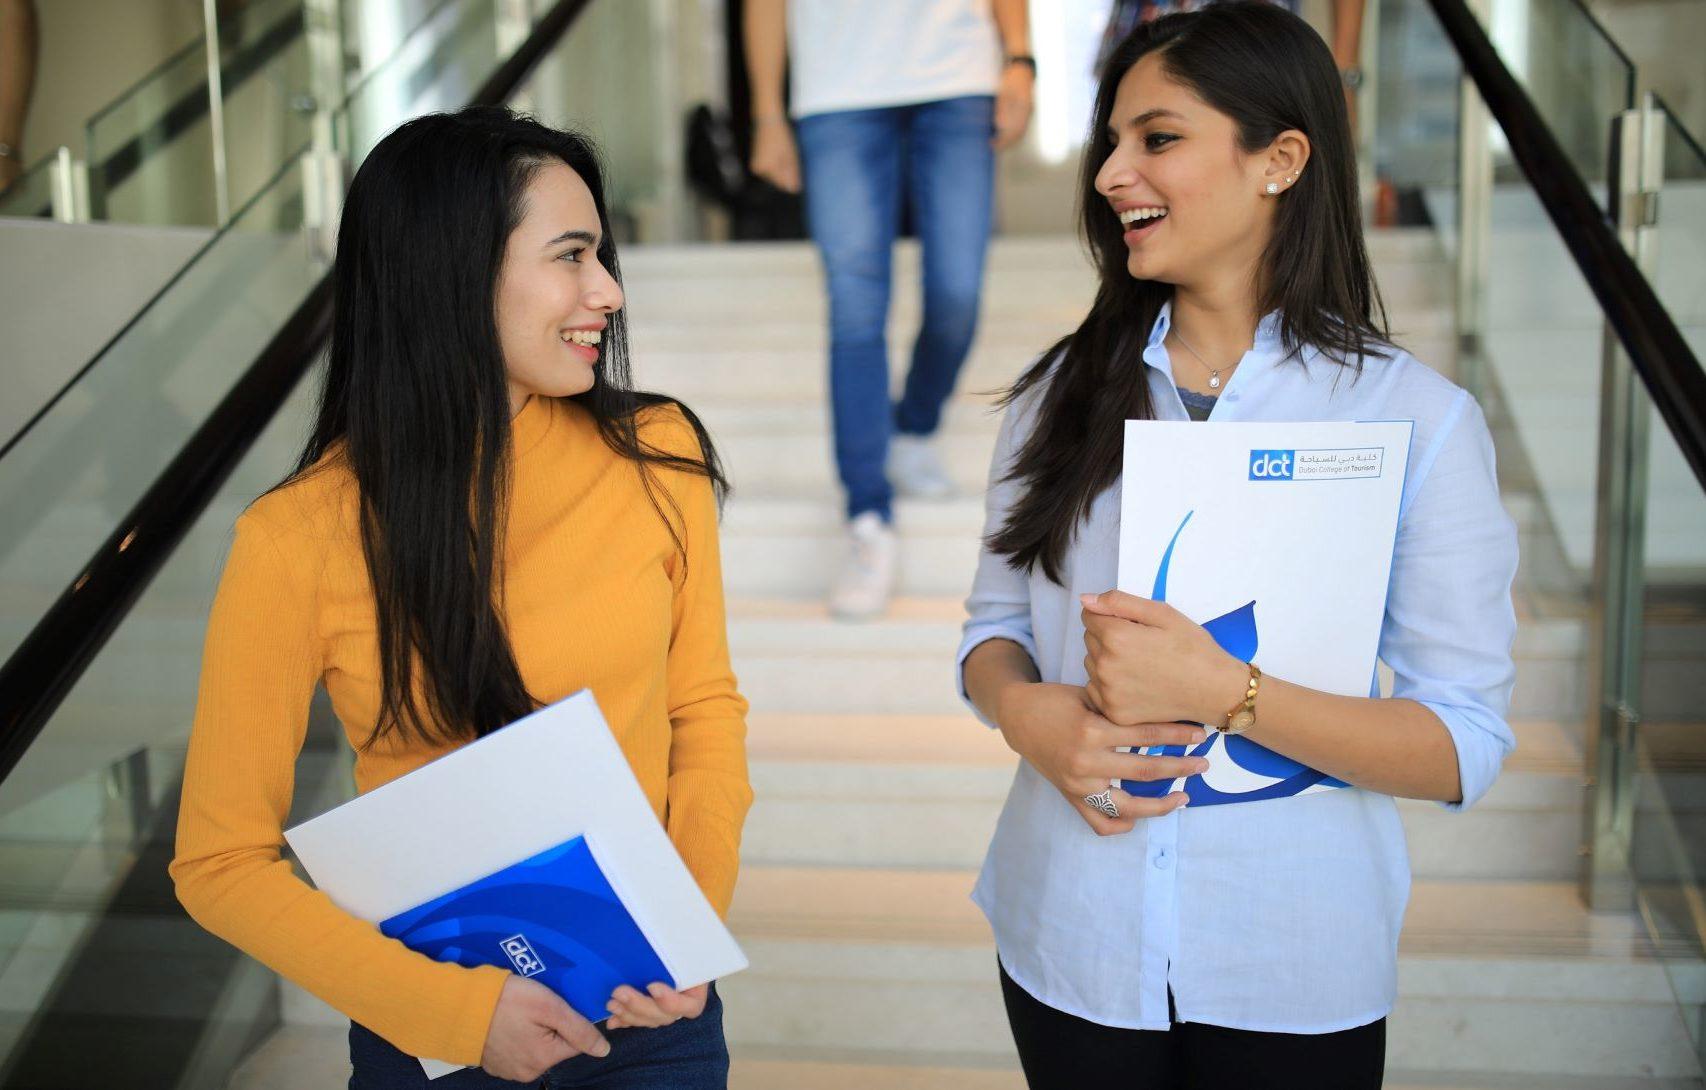 مالفرص التي توفرها كلية دبي للسياحة لطلبة الثانوية؟!